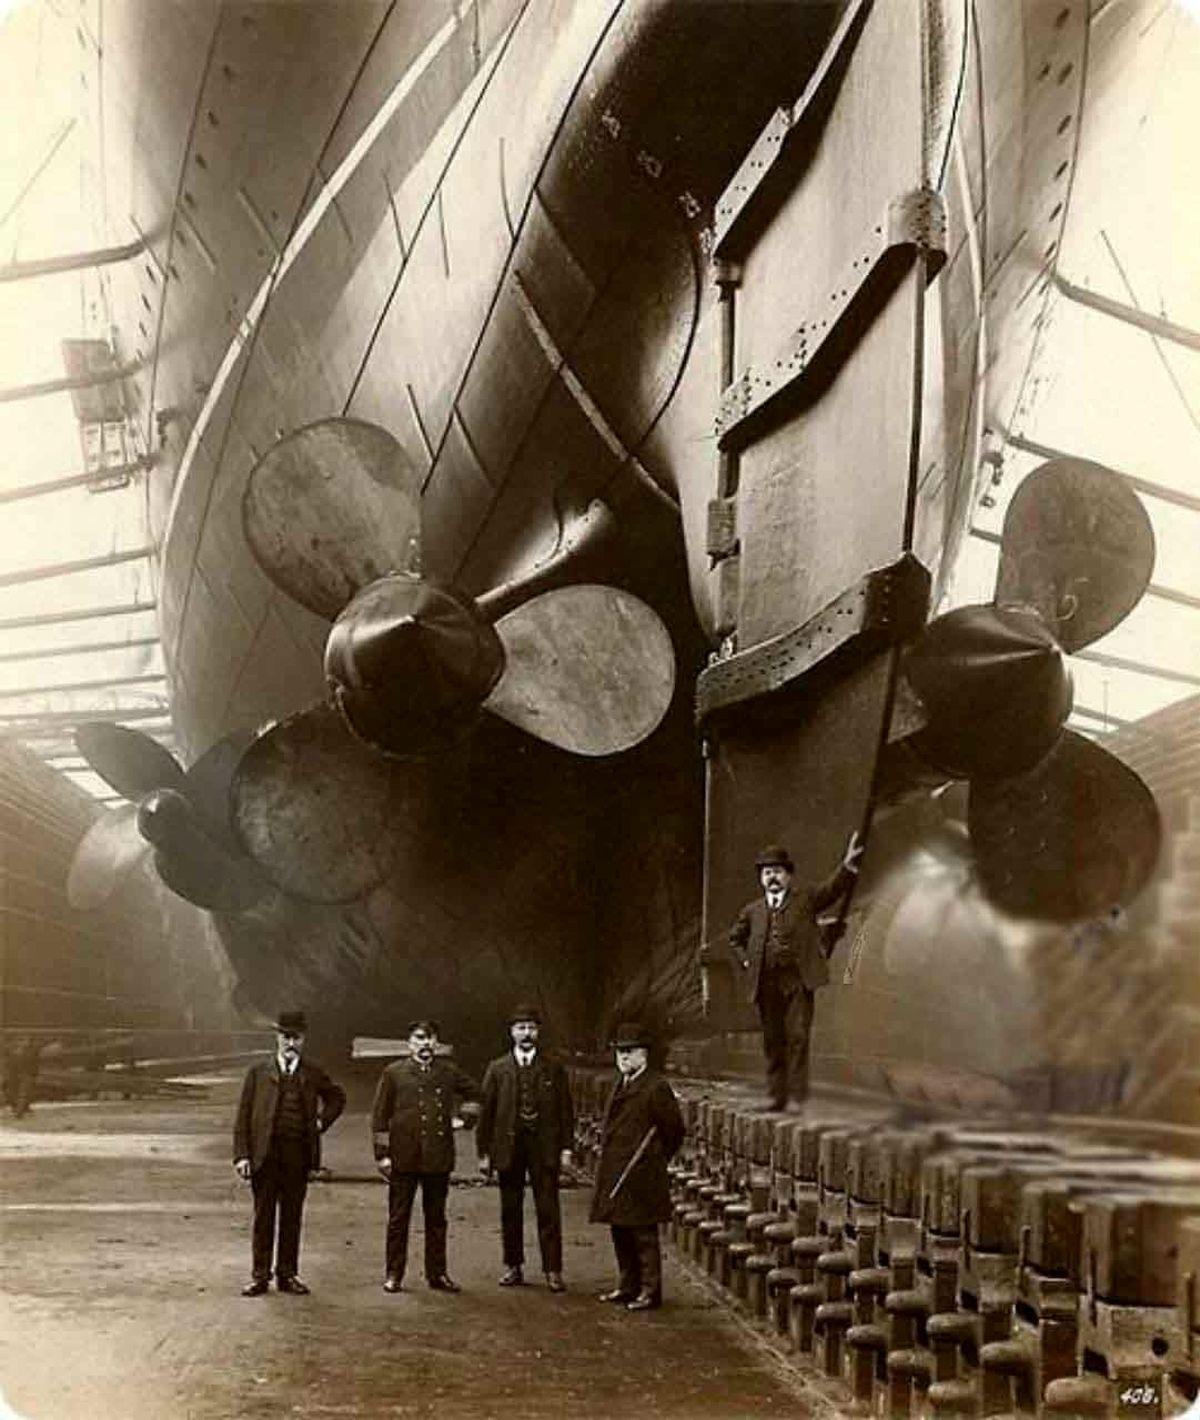 عکس یادگاری دیدنی از مهندسان سازنده کشتی تایتانیک یک روز قبل از به آب اندازی